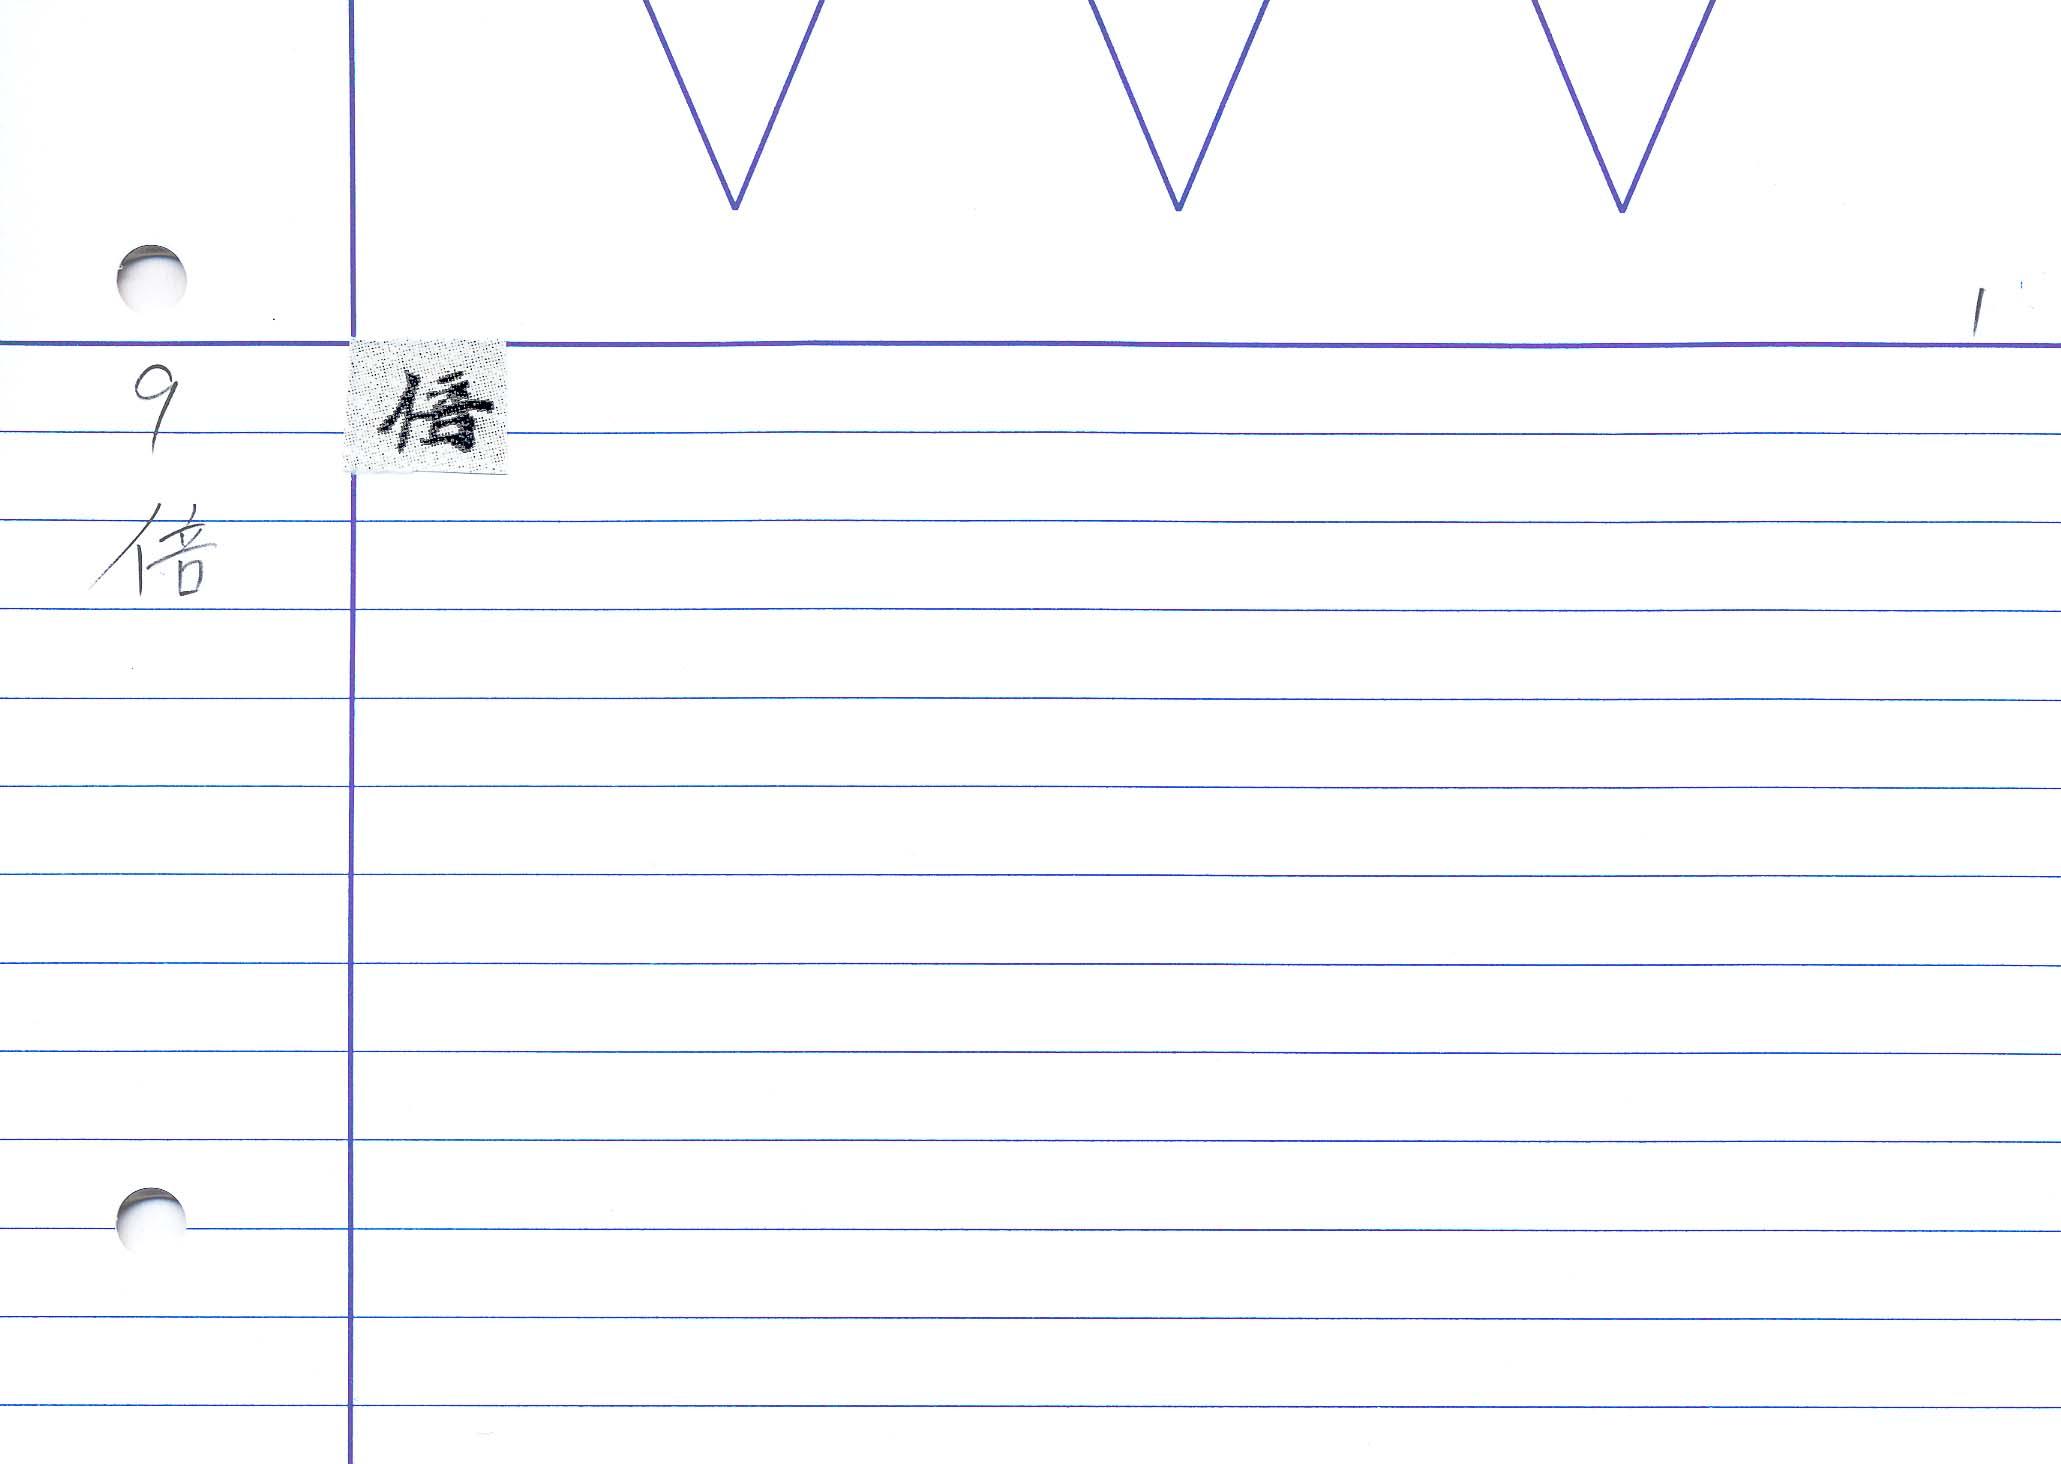 01_誠實論卷八(P.2179)/cards/0005.jpg